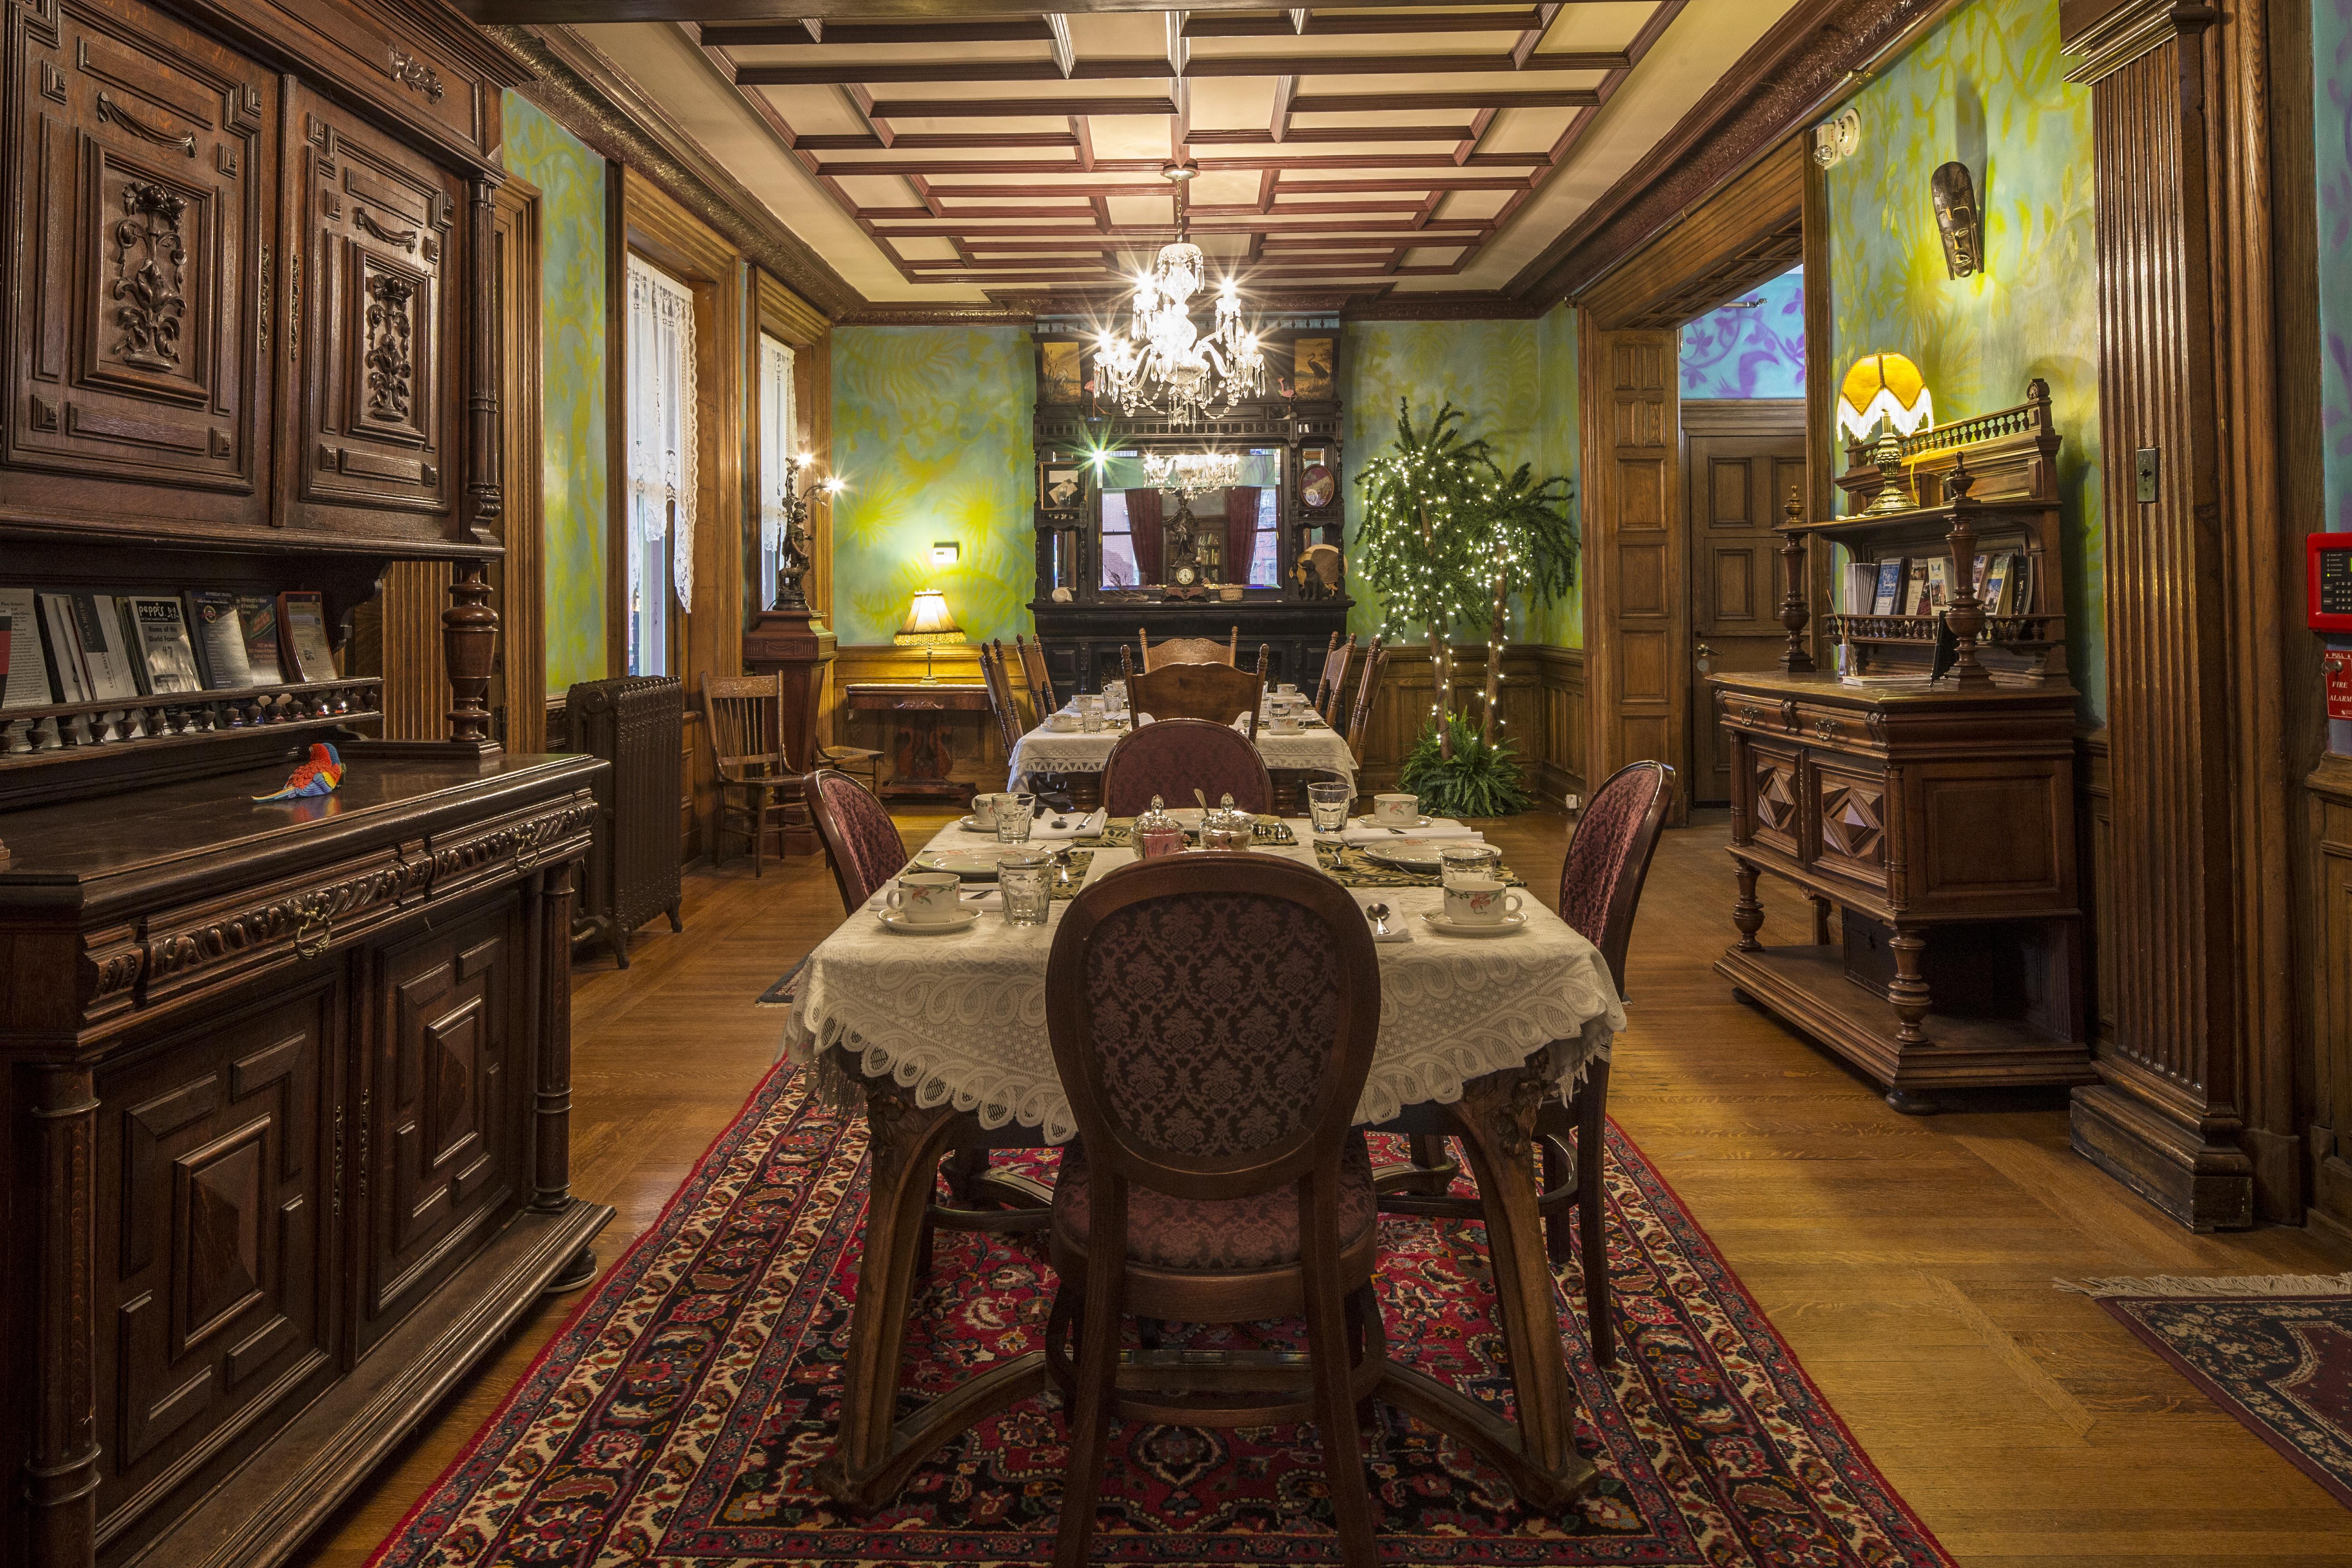 diningroom after